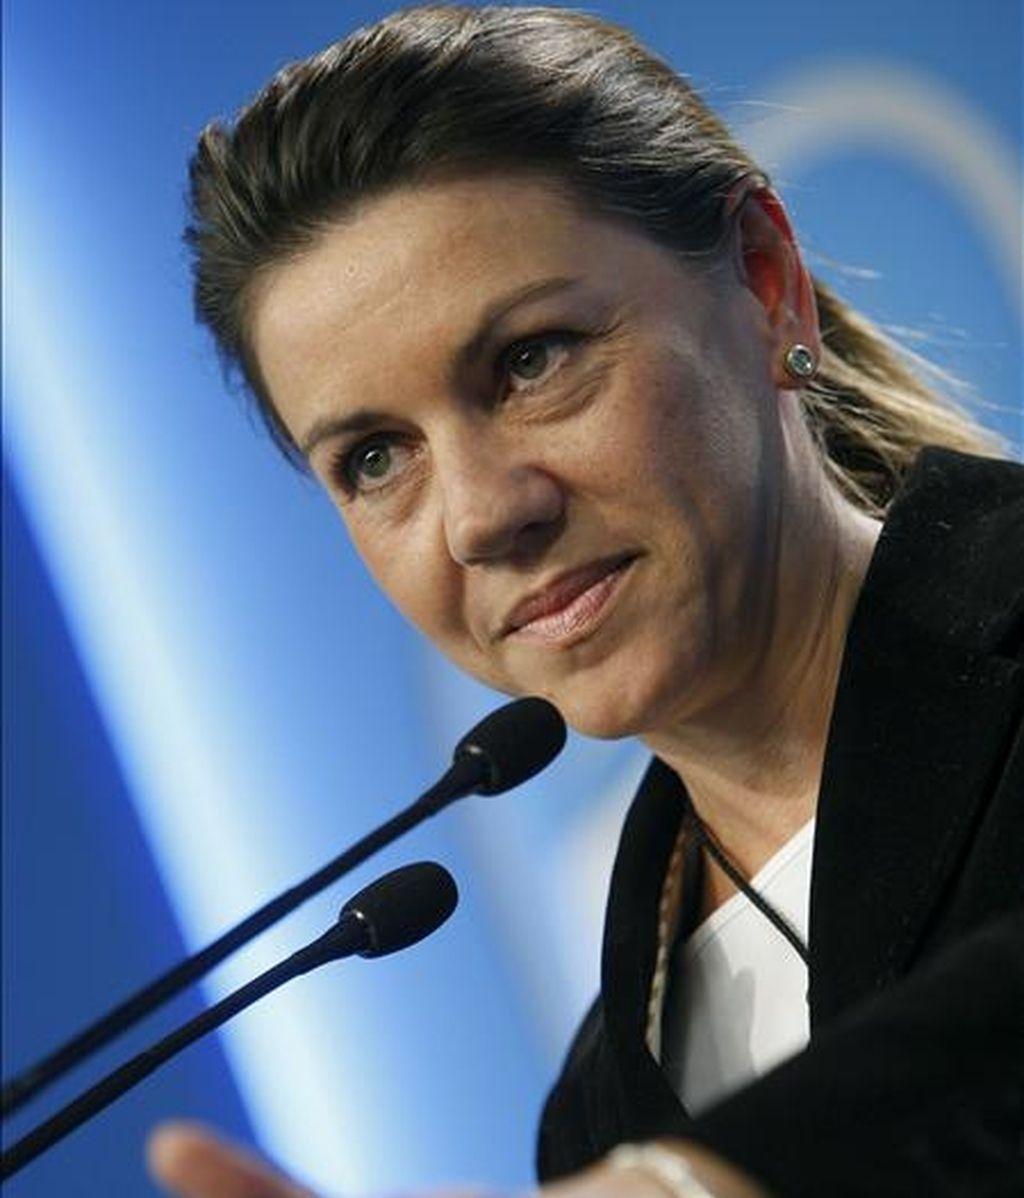 La secretaria general del PP, María Dolores de Cospedal, durante la rueda de prensa posterior a la reunión del Comité Ejecutivo Nacional del partido, hoy en Madrid. EFE